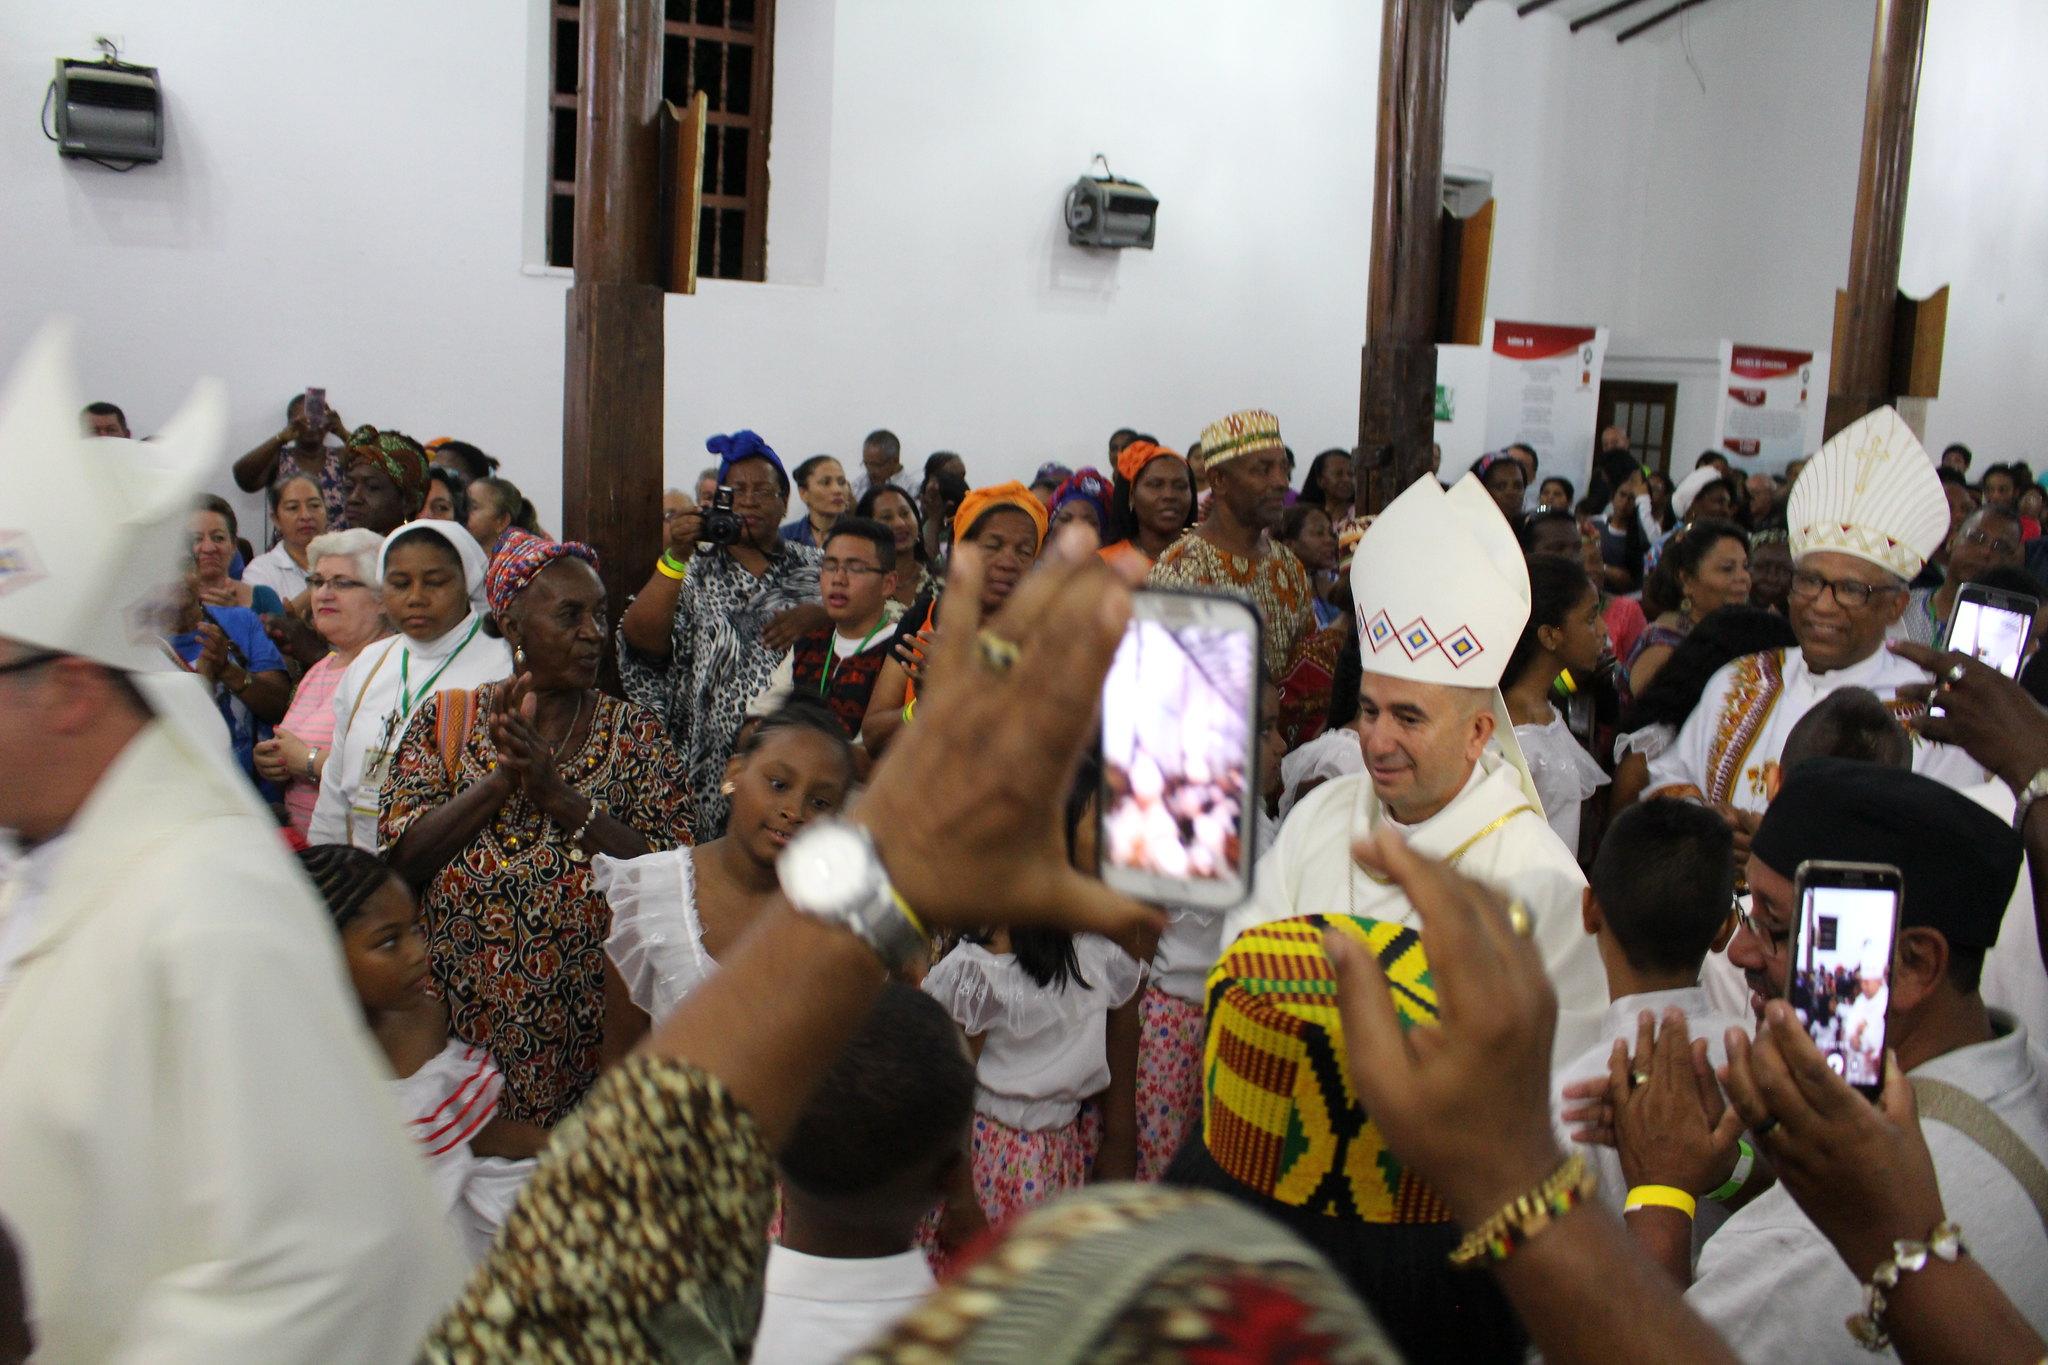 Los obispos Rubén Darío Jaramillo Montoya, de Buenaventura, y Zanoni Demettino Castro, de Feira de Santana en Brasil entran en procesión a la Eucaristía del XIV EPA Cali 2018 en Jamundí.